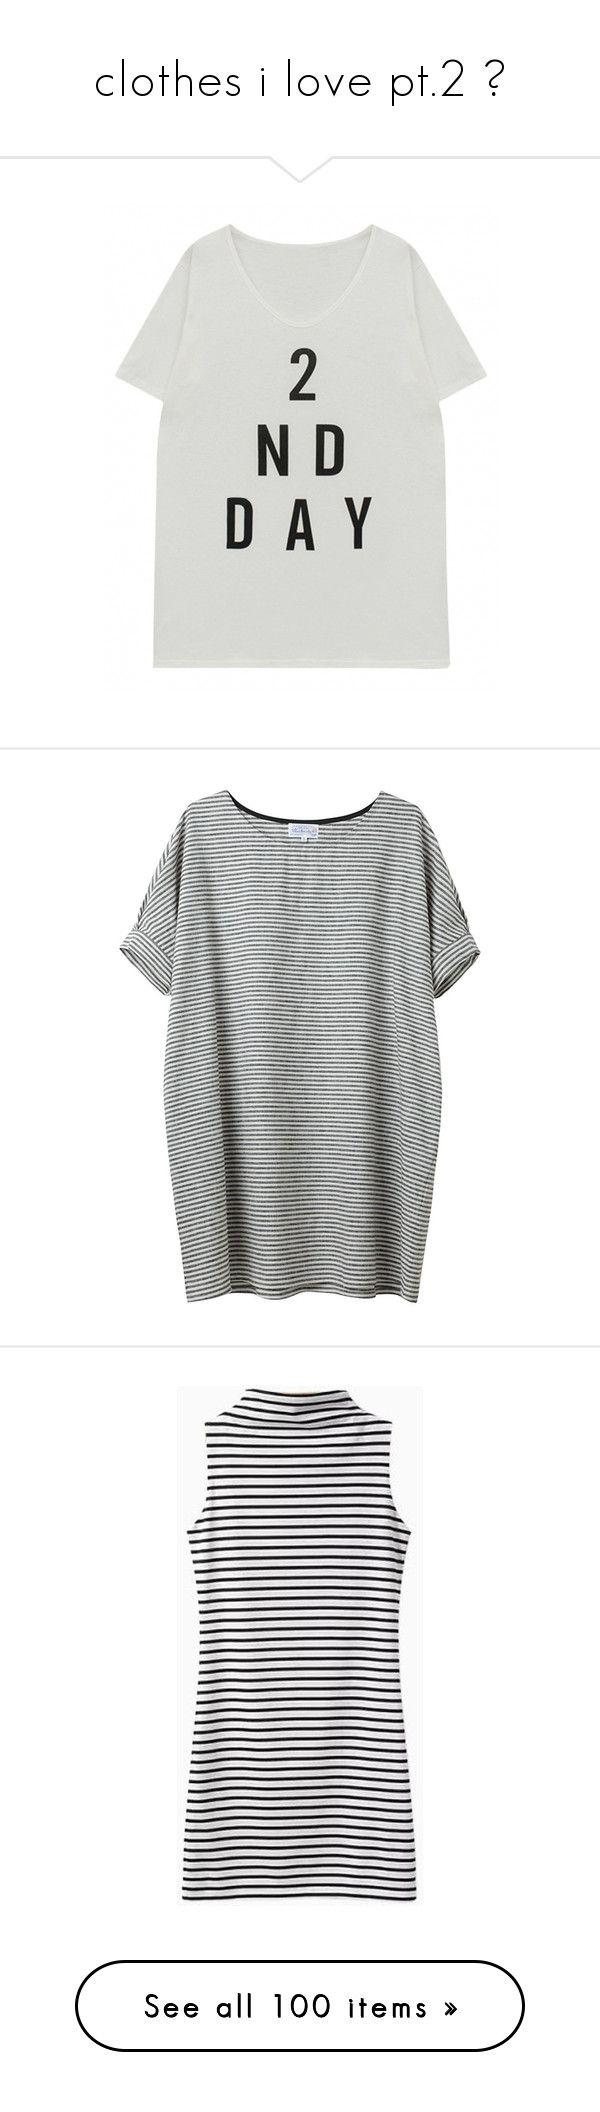 Clothes i love pt